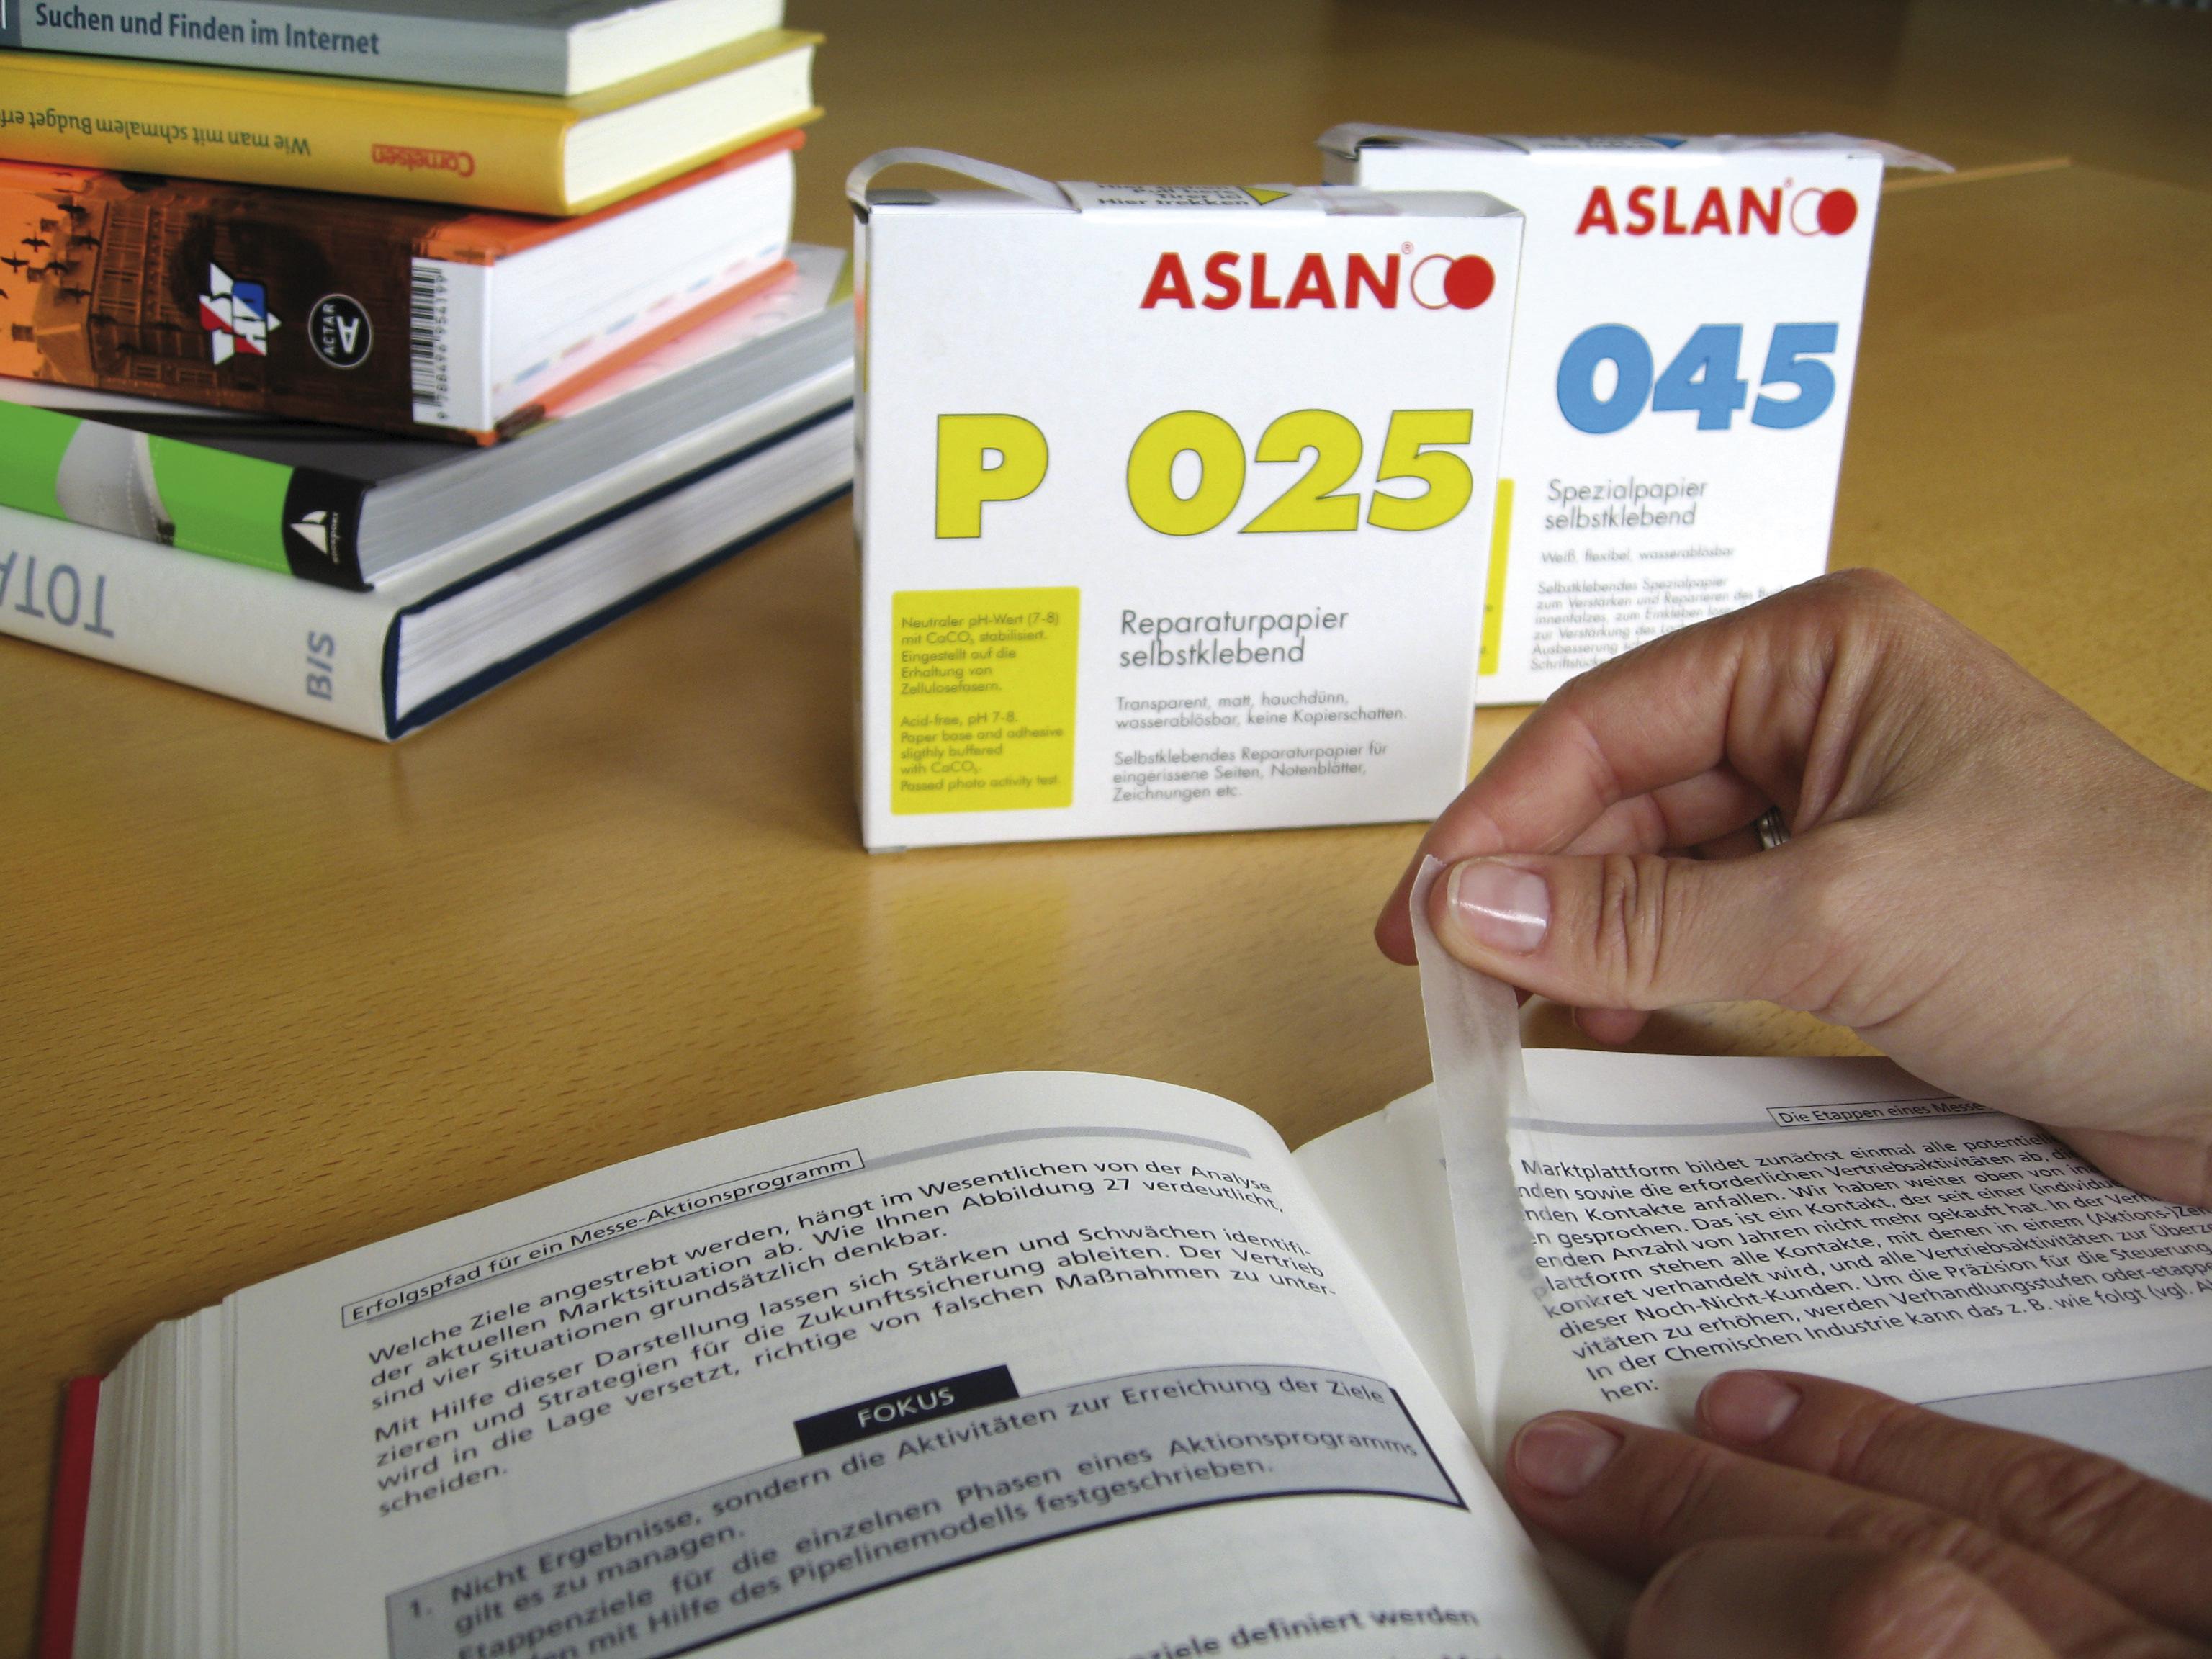 Reparaturpapier ASLAN P 025